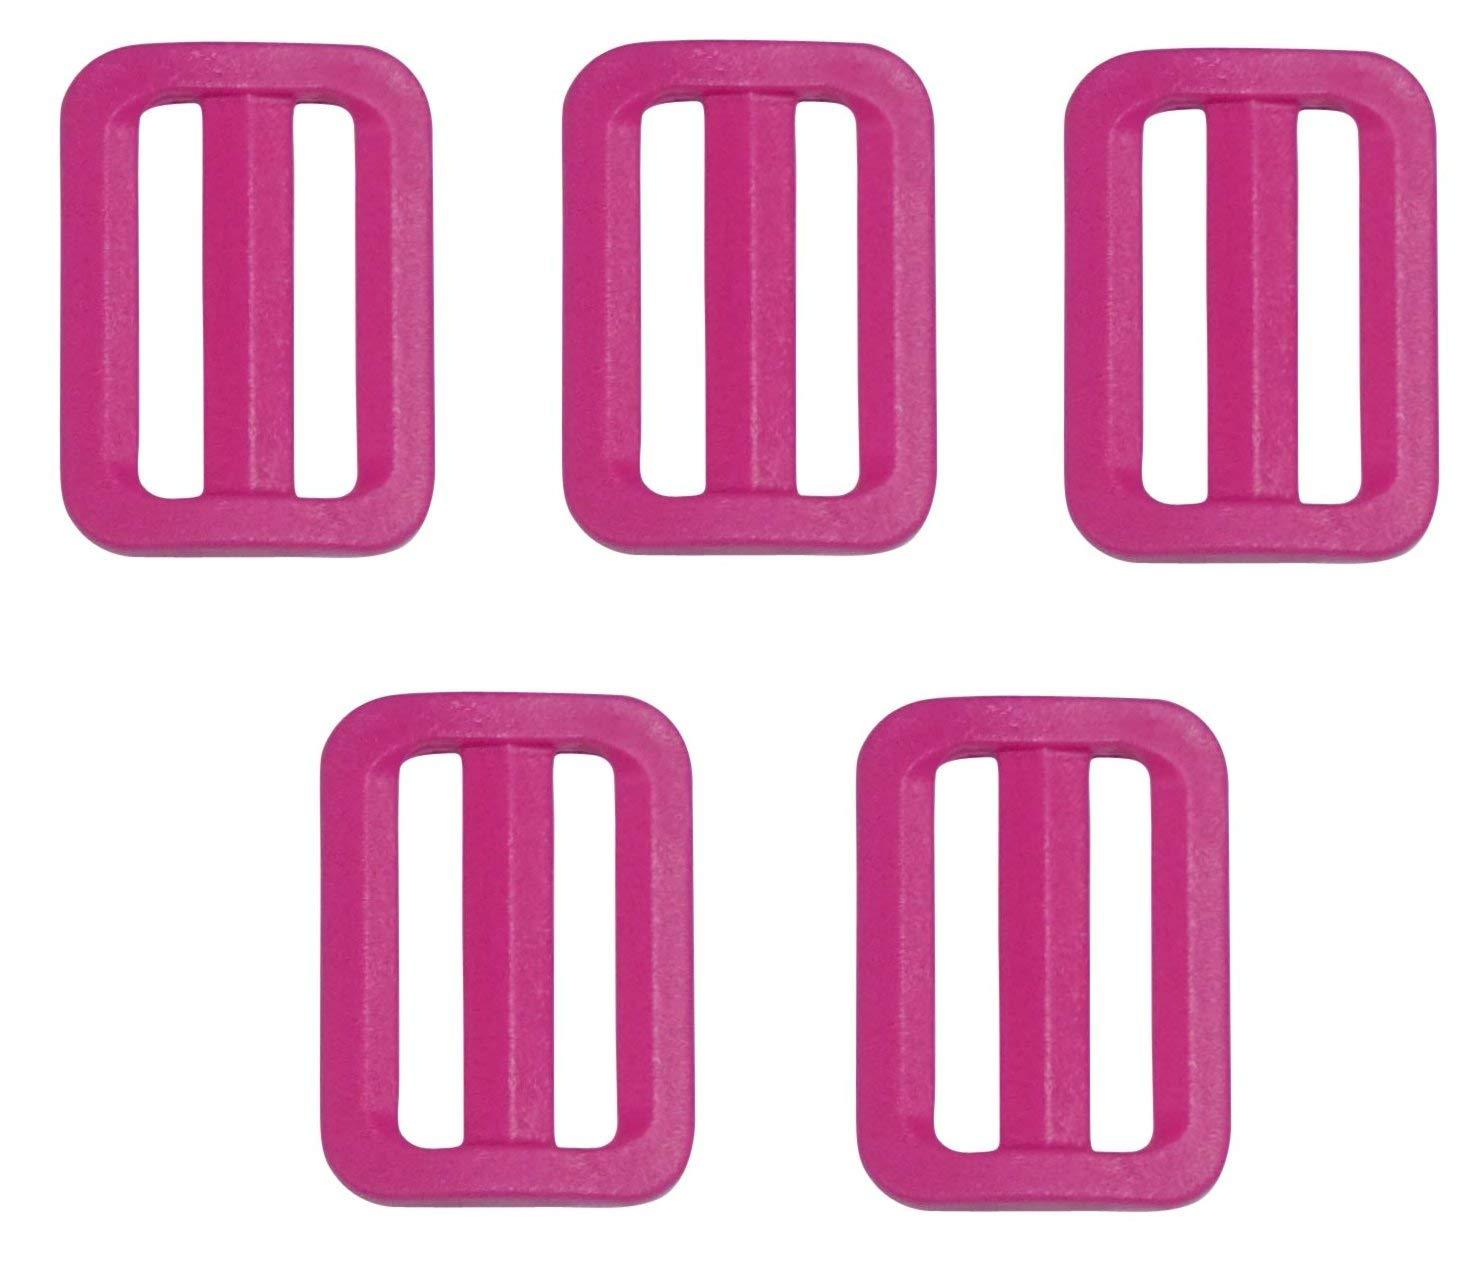 Benristraps 25mm Triglide Slider Buckle (Black, Pack of 2) Musmate Ltd